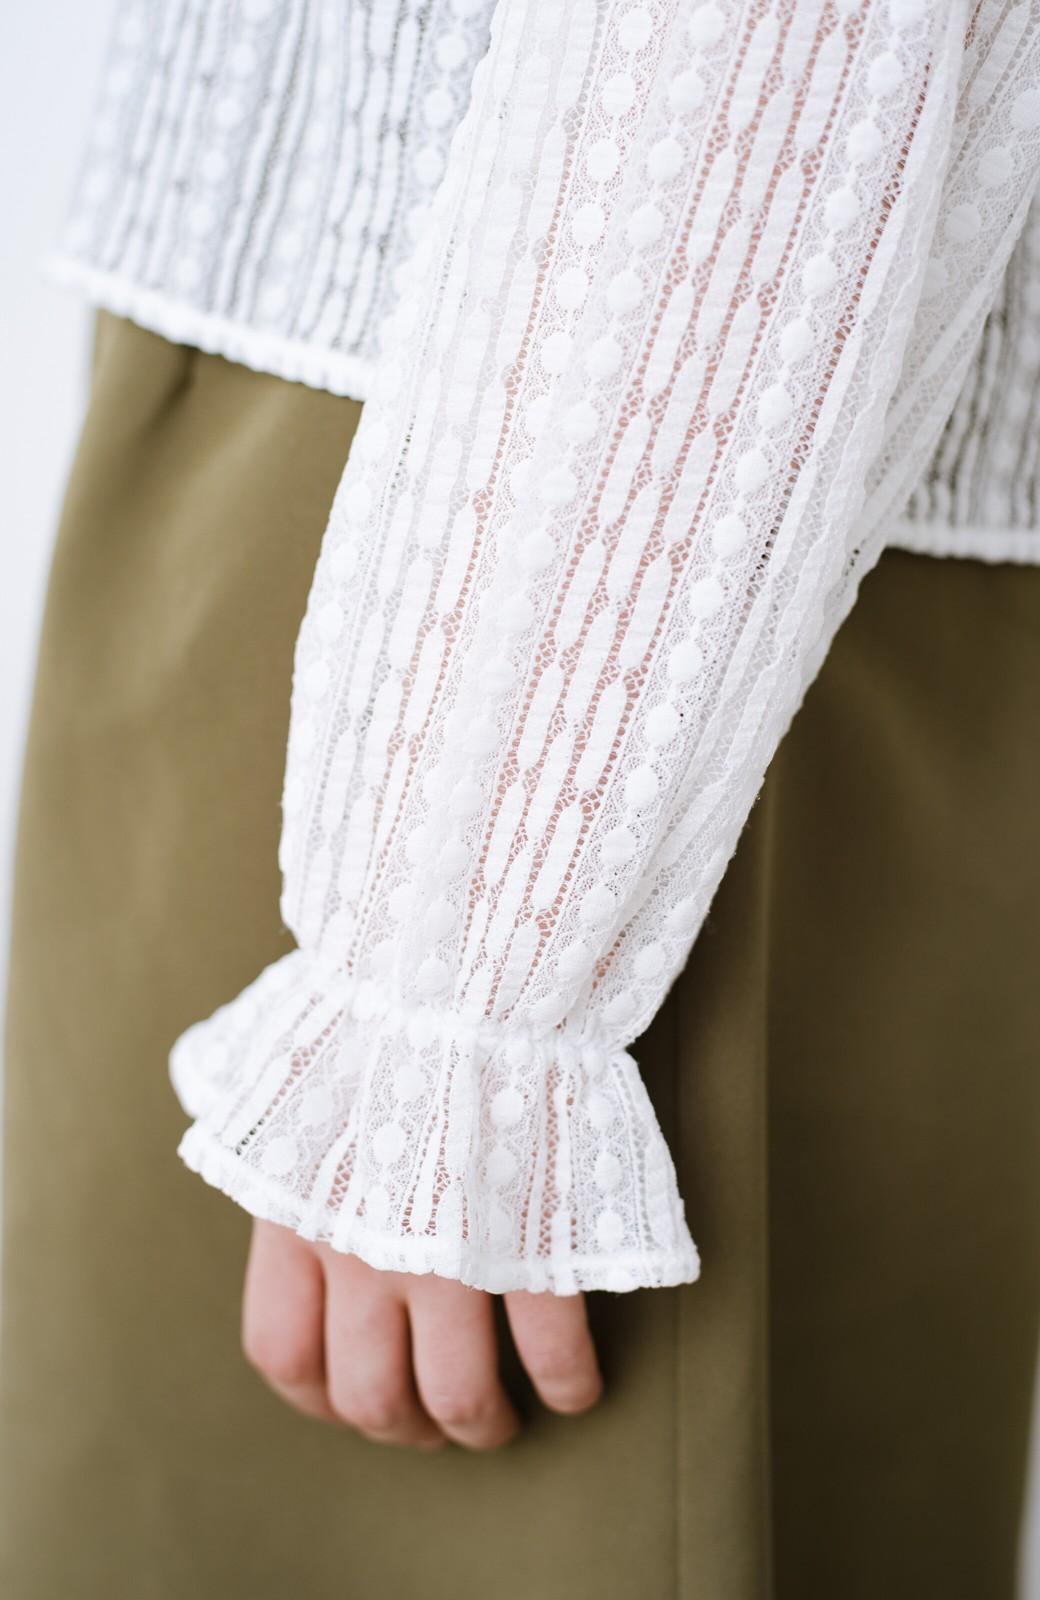 haco! 季節の変わり目や重ね着にも便利なやわらかレーストップス <ホワイト>の商品写真7